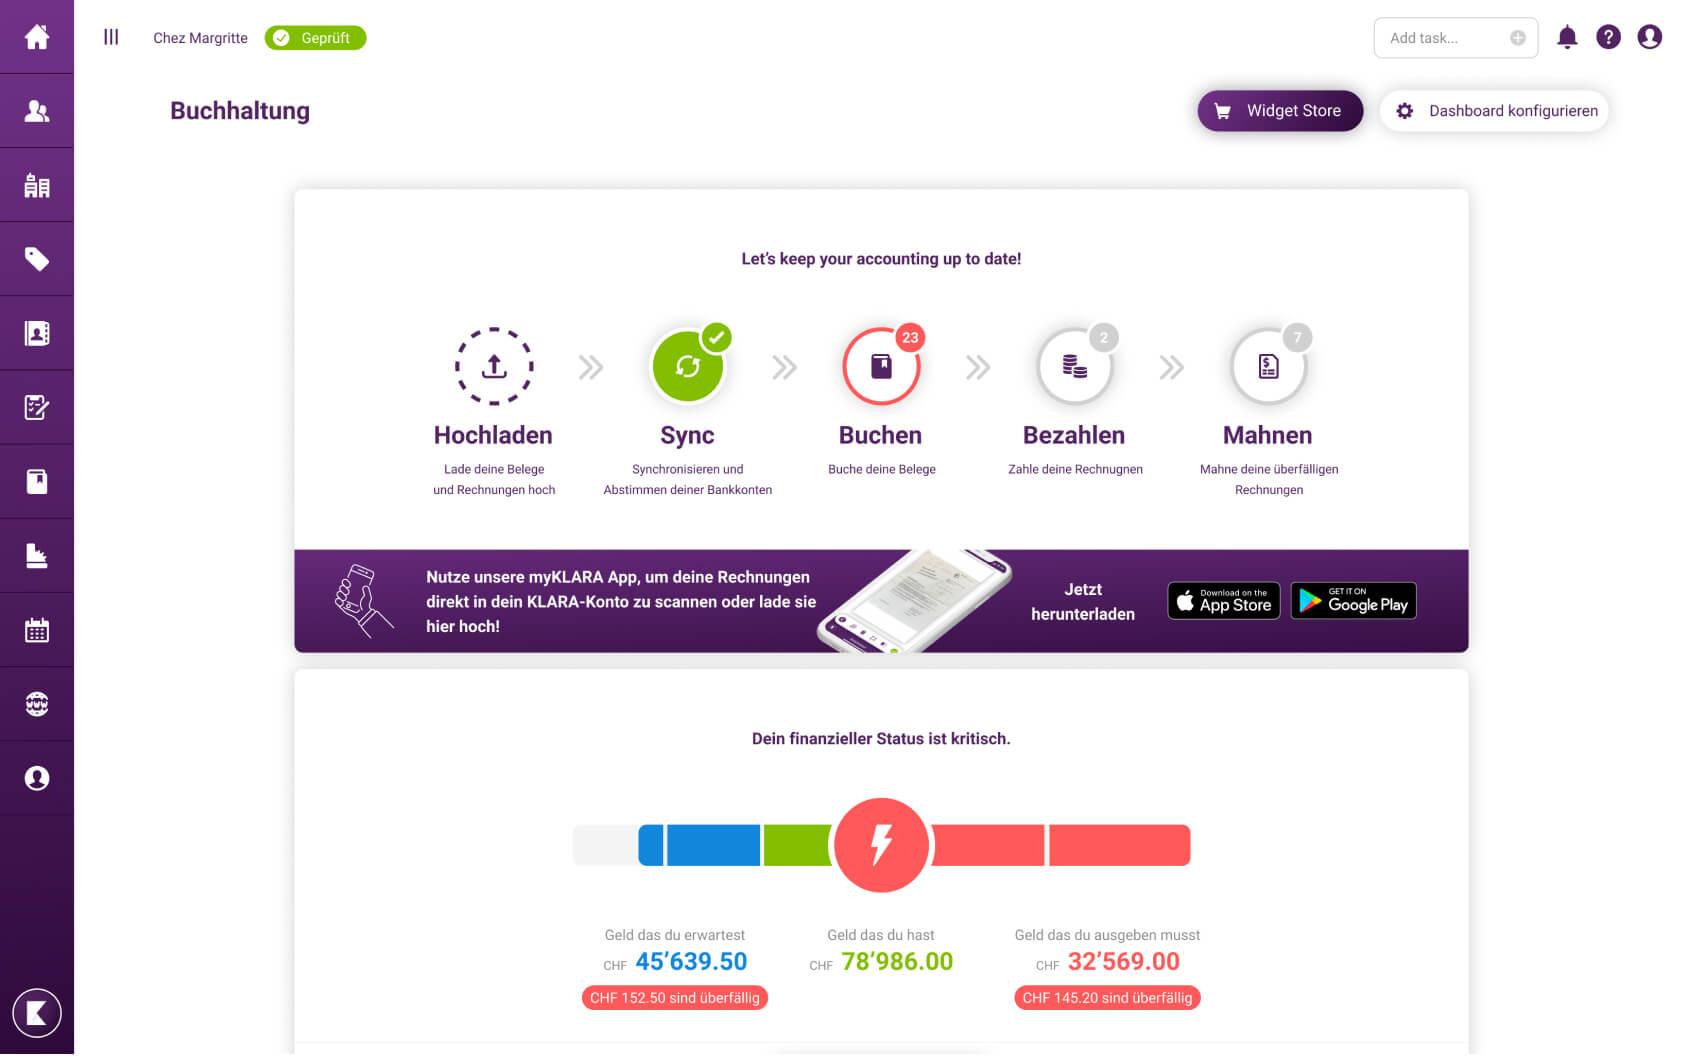 klara-gallery-screens-accounting-dashboard-de